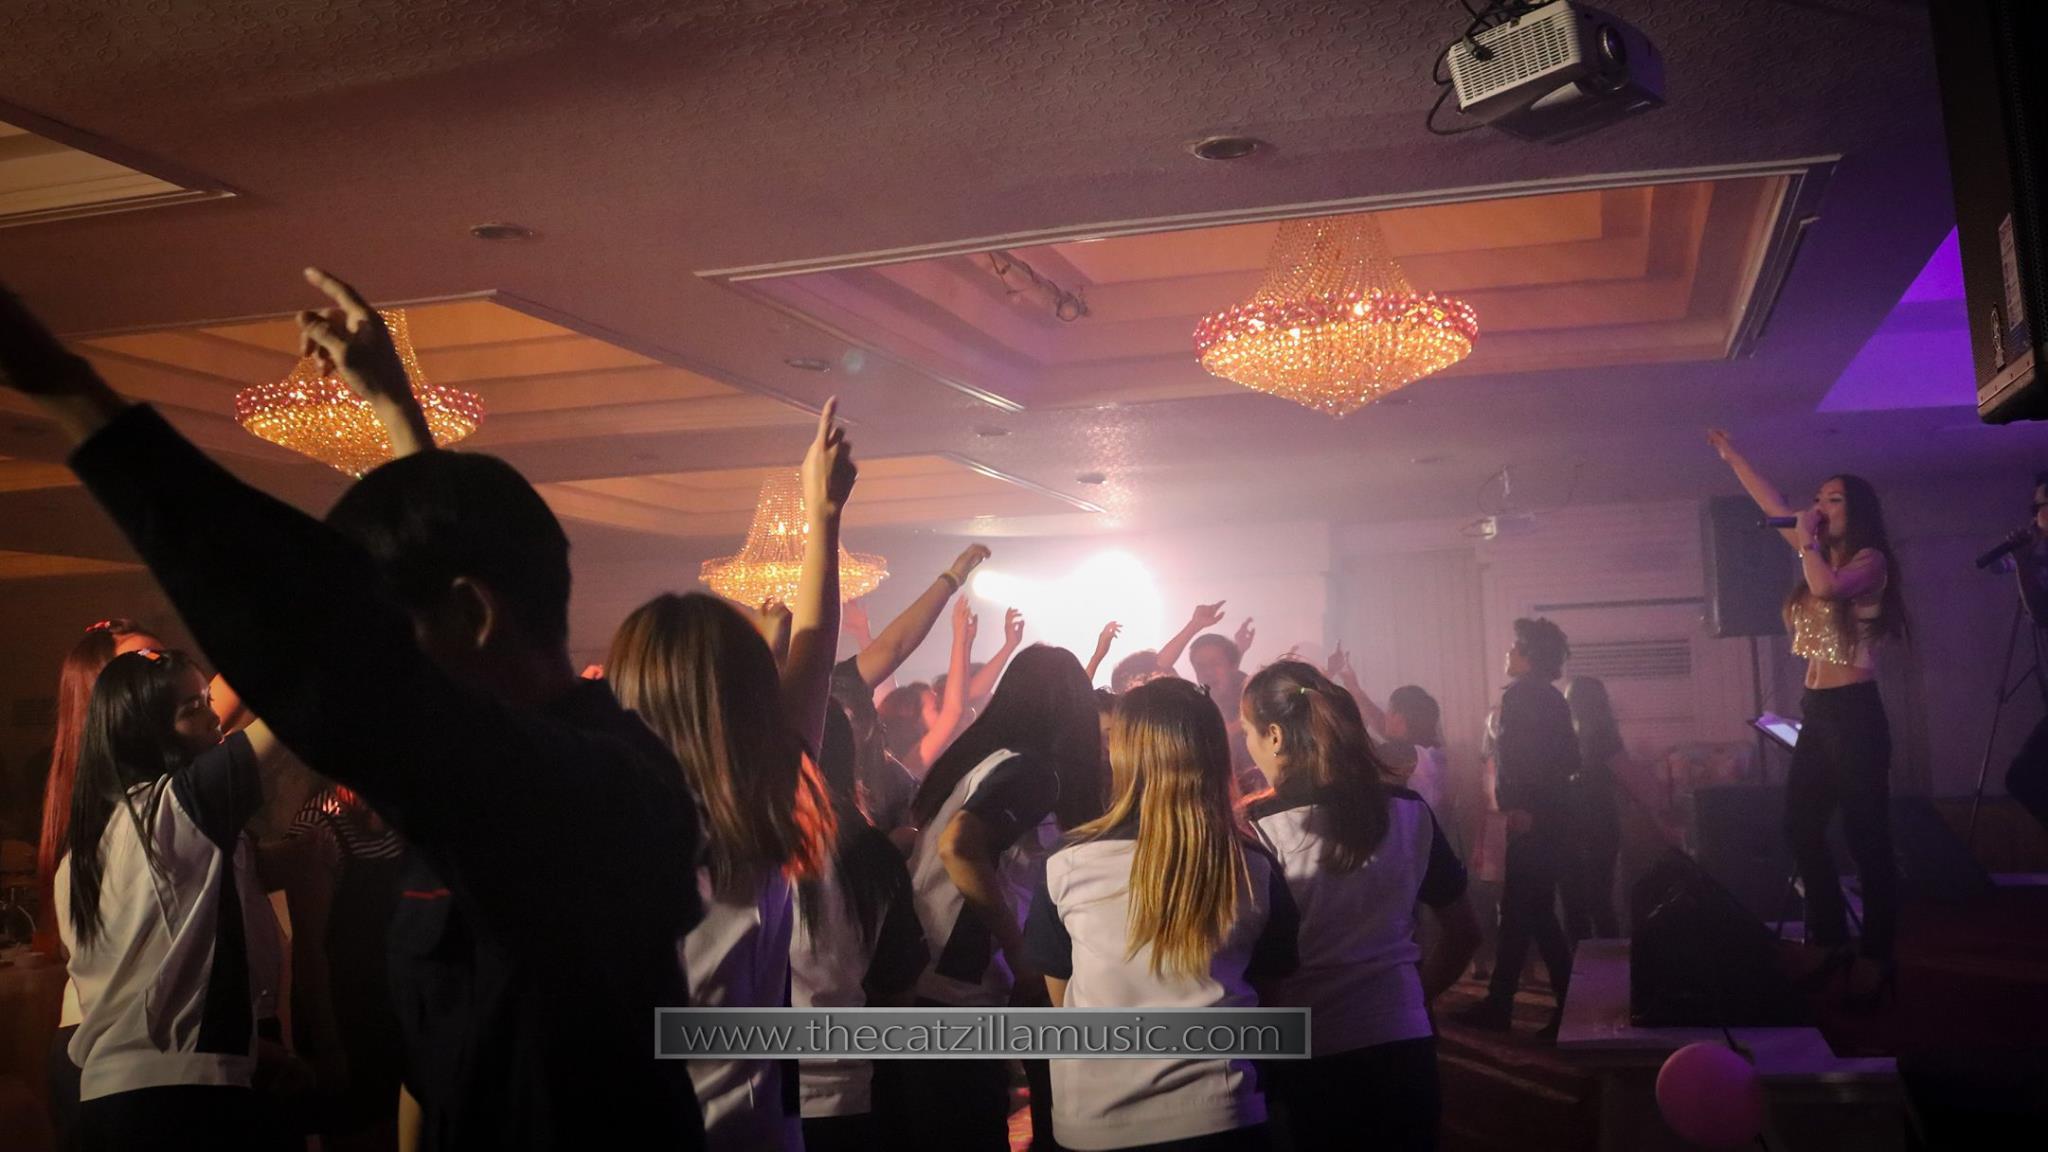 วงดนตรีงานเลี้ยง After Party งานแต่งงาน บุ๋นแบนด์ วงดนตรีสด After party wedding วงดนตรีงานแต่งงาน thecatzillamusic Avana 4